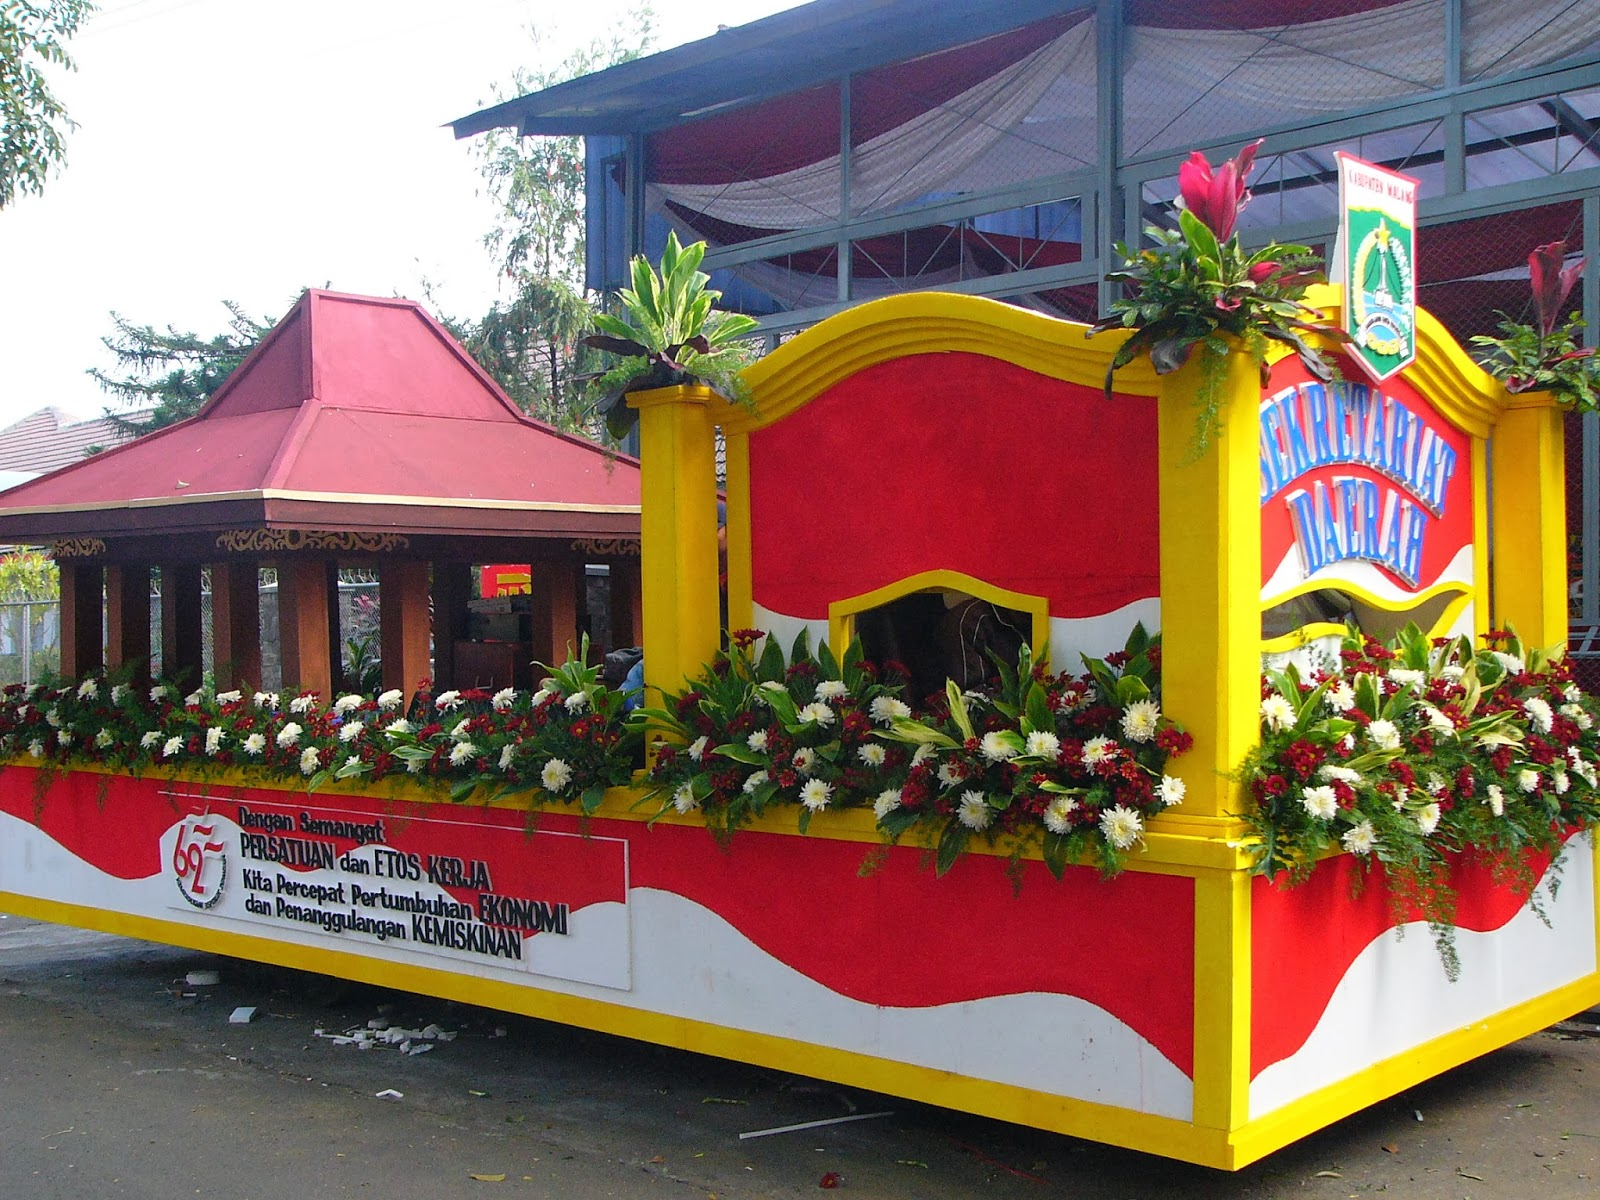 ... mobil hias, di bambang florist mampu mendekorasi mobil hias semenarik